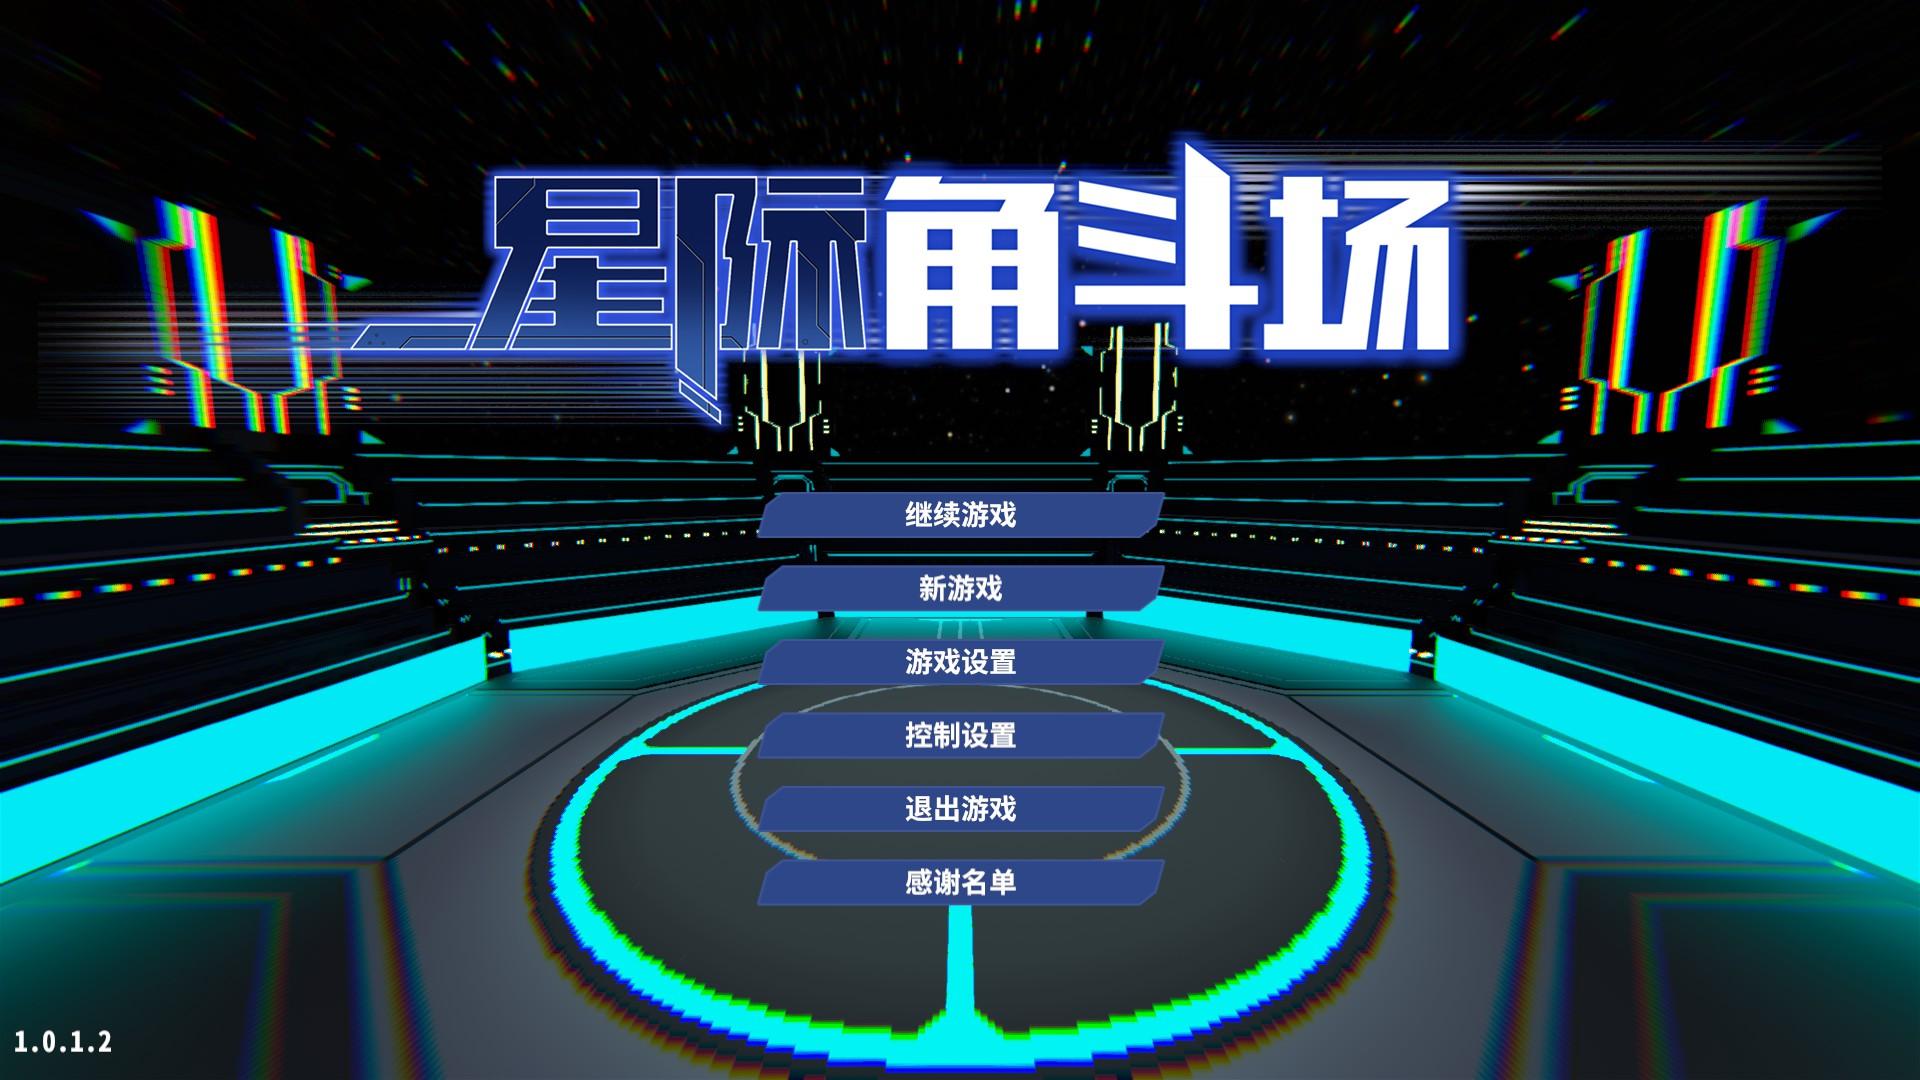 《星际角斗场》评测:机器人遇见角斗场,肾上腺素在激增